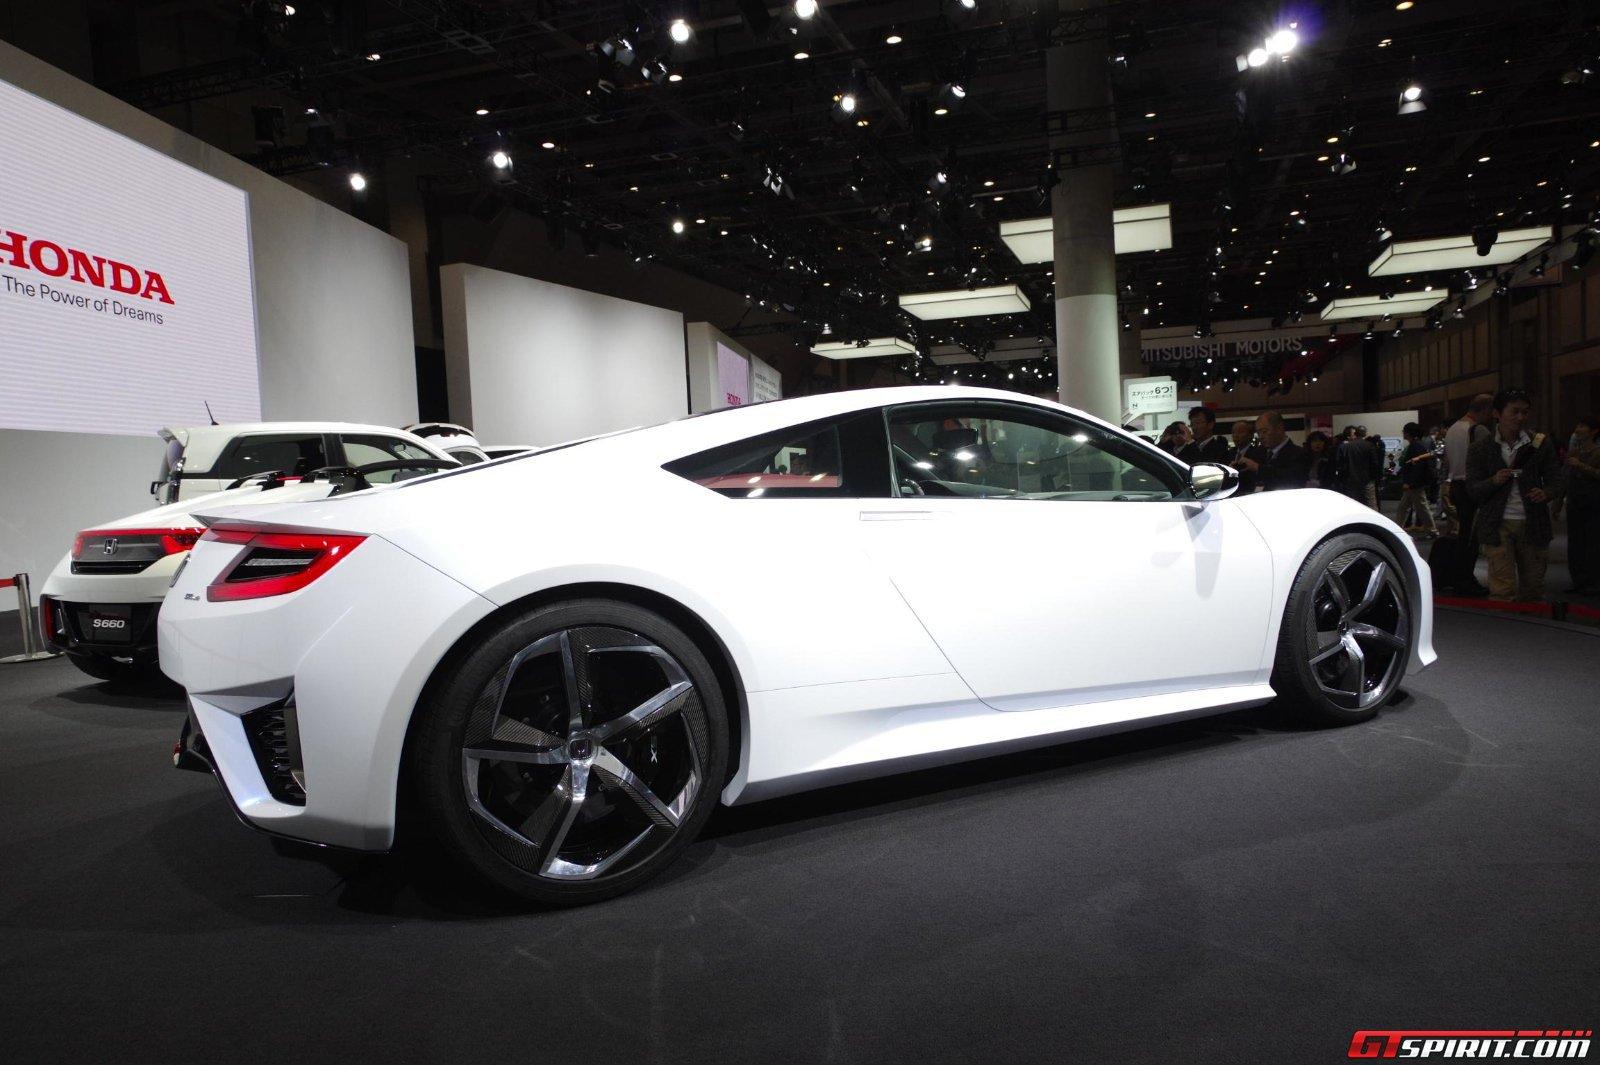 Siêu xe Honda NSX sắp so kè tốc độ tại Goodwood